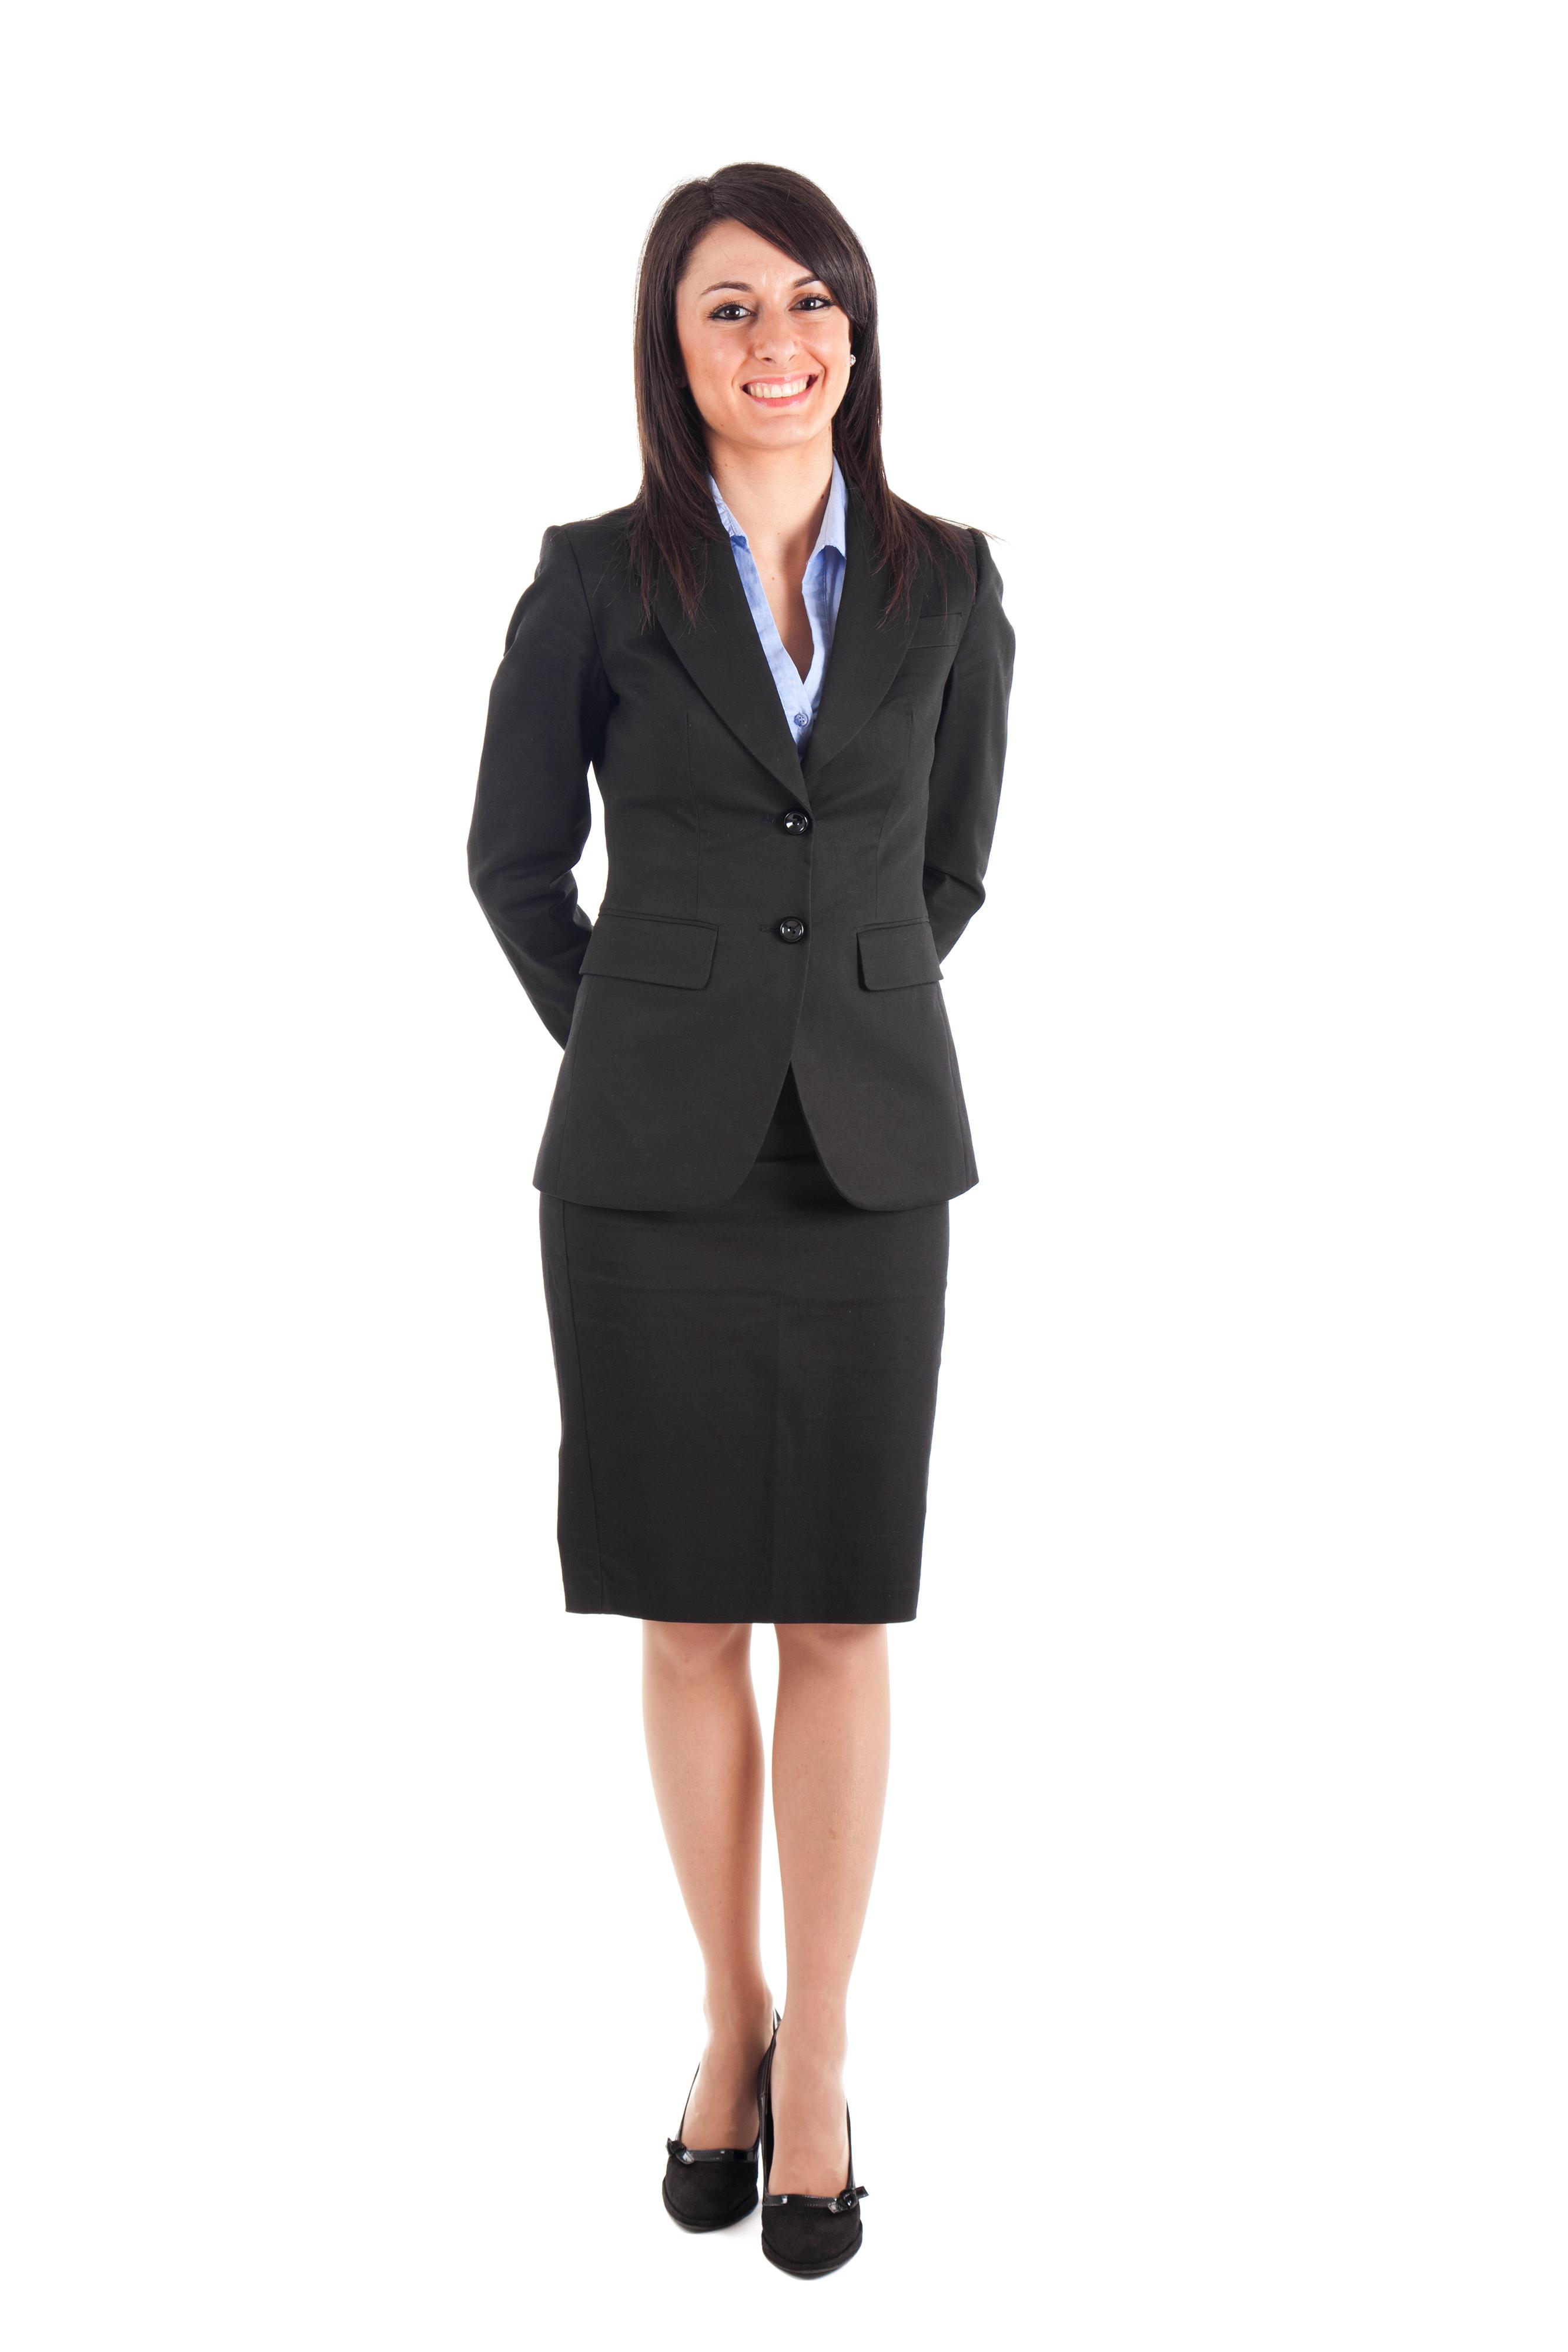 Dress To Impress Woman Five Acre Farms